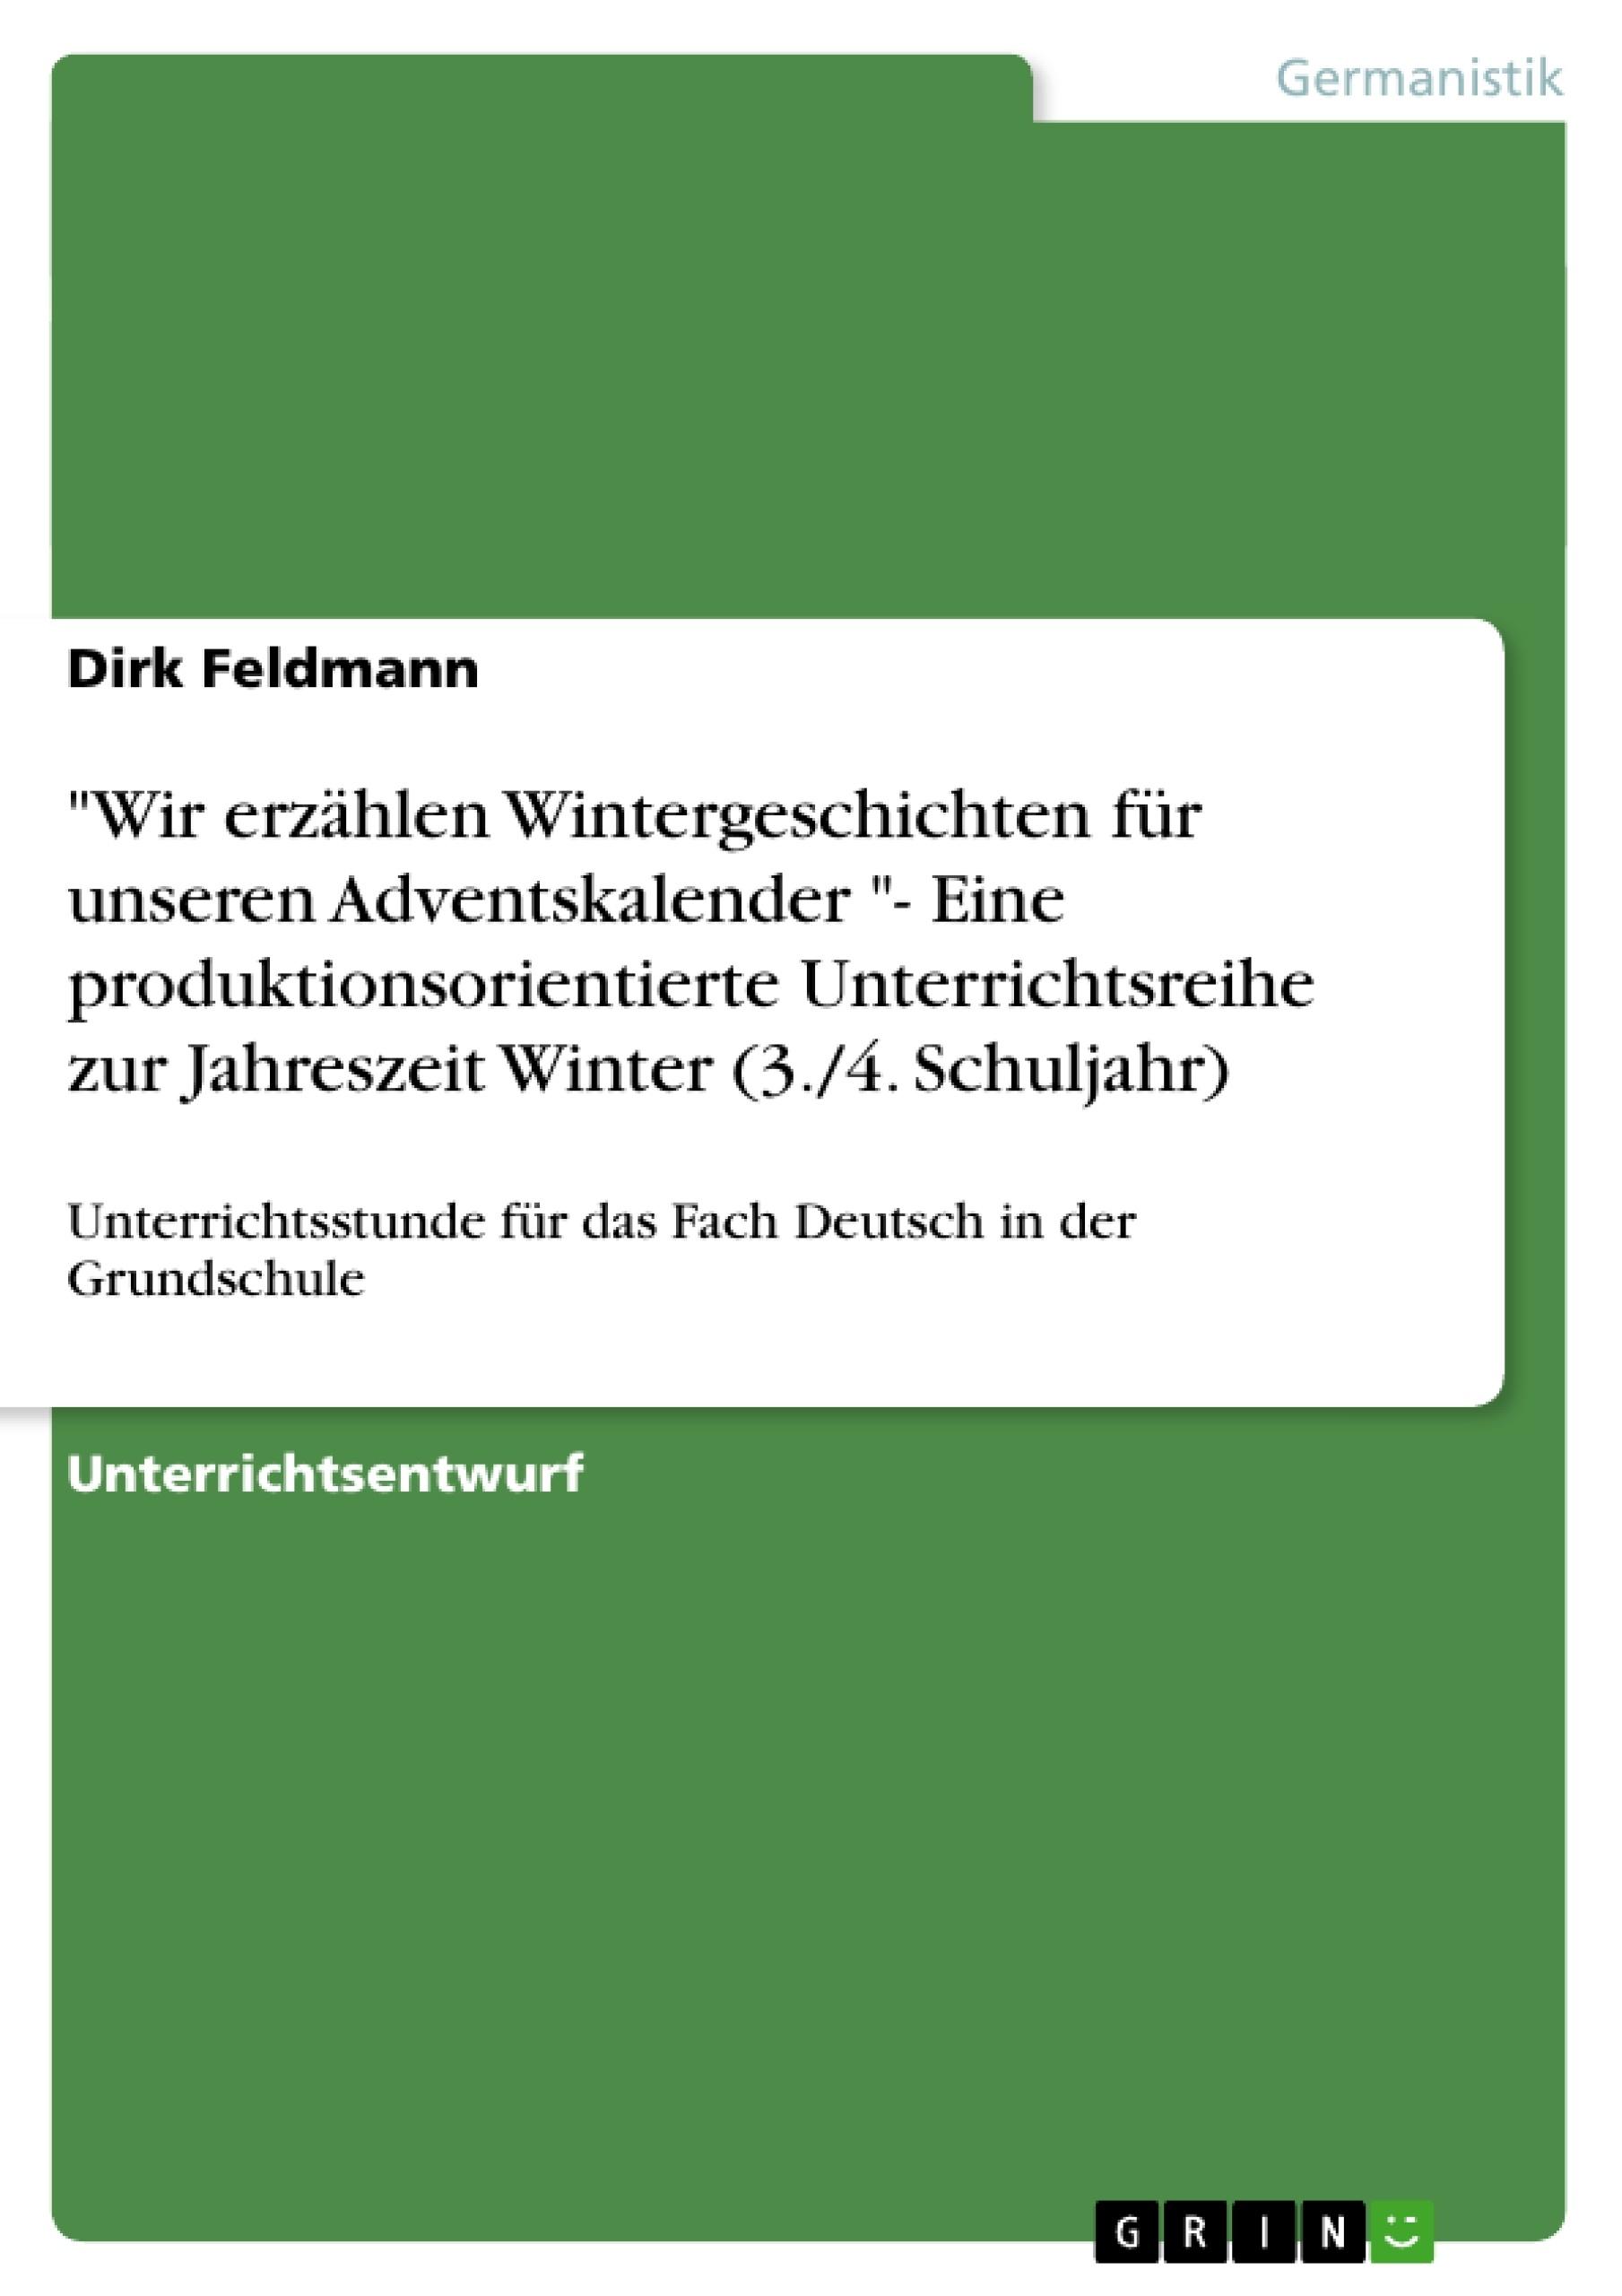 """Titel: """"Wir erzählen Wintergeschichten für unseren Adventskalender """"- Eine produktionsorientierte Unterrichtsreihe zur Jahreszeit Winter (3./4. Schuljahr)"""